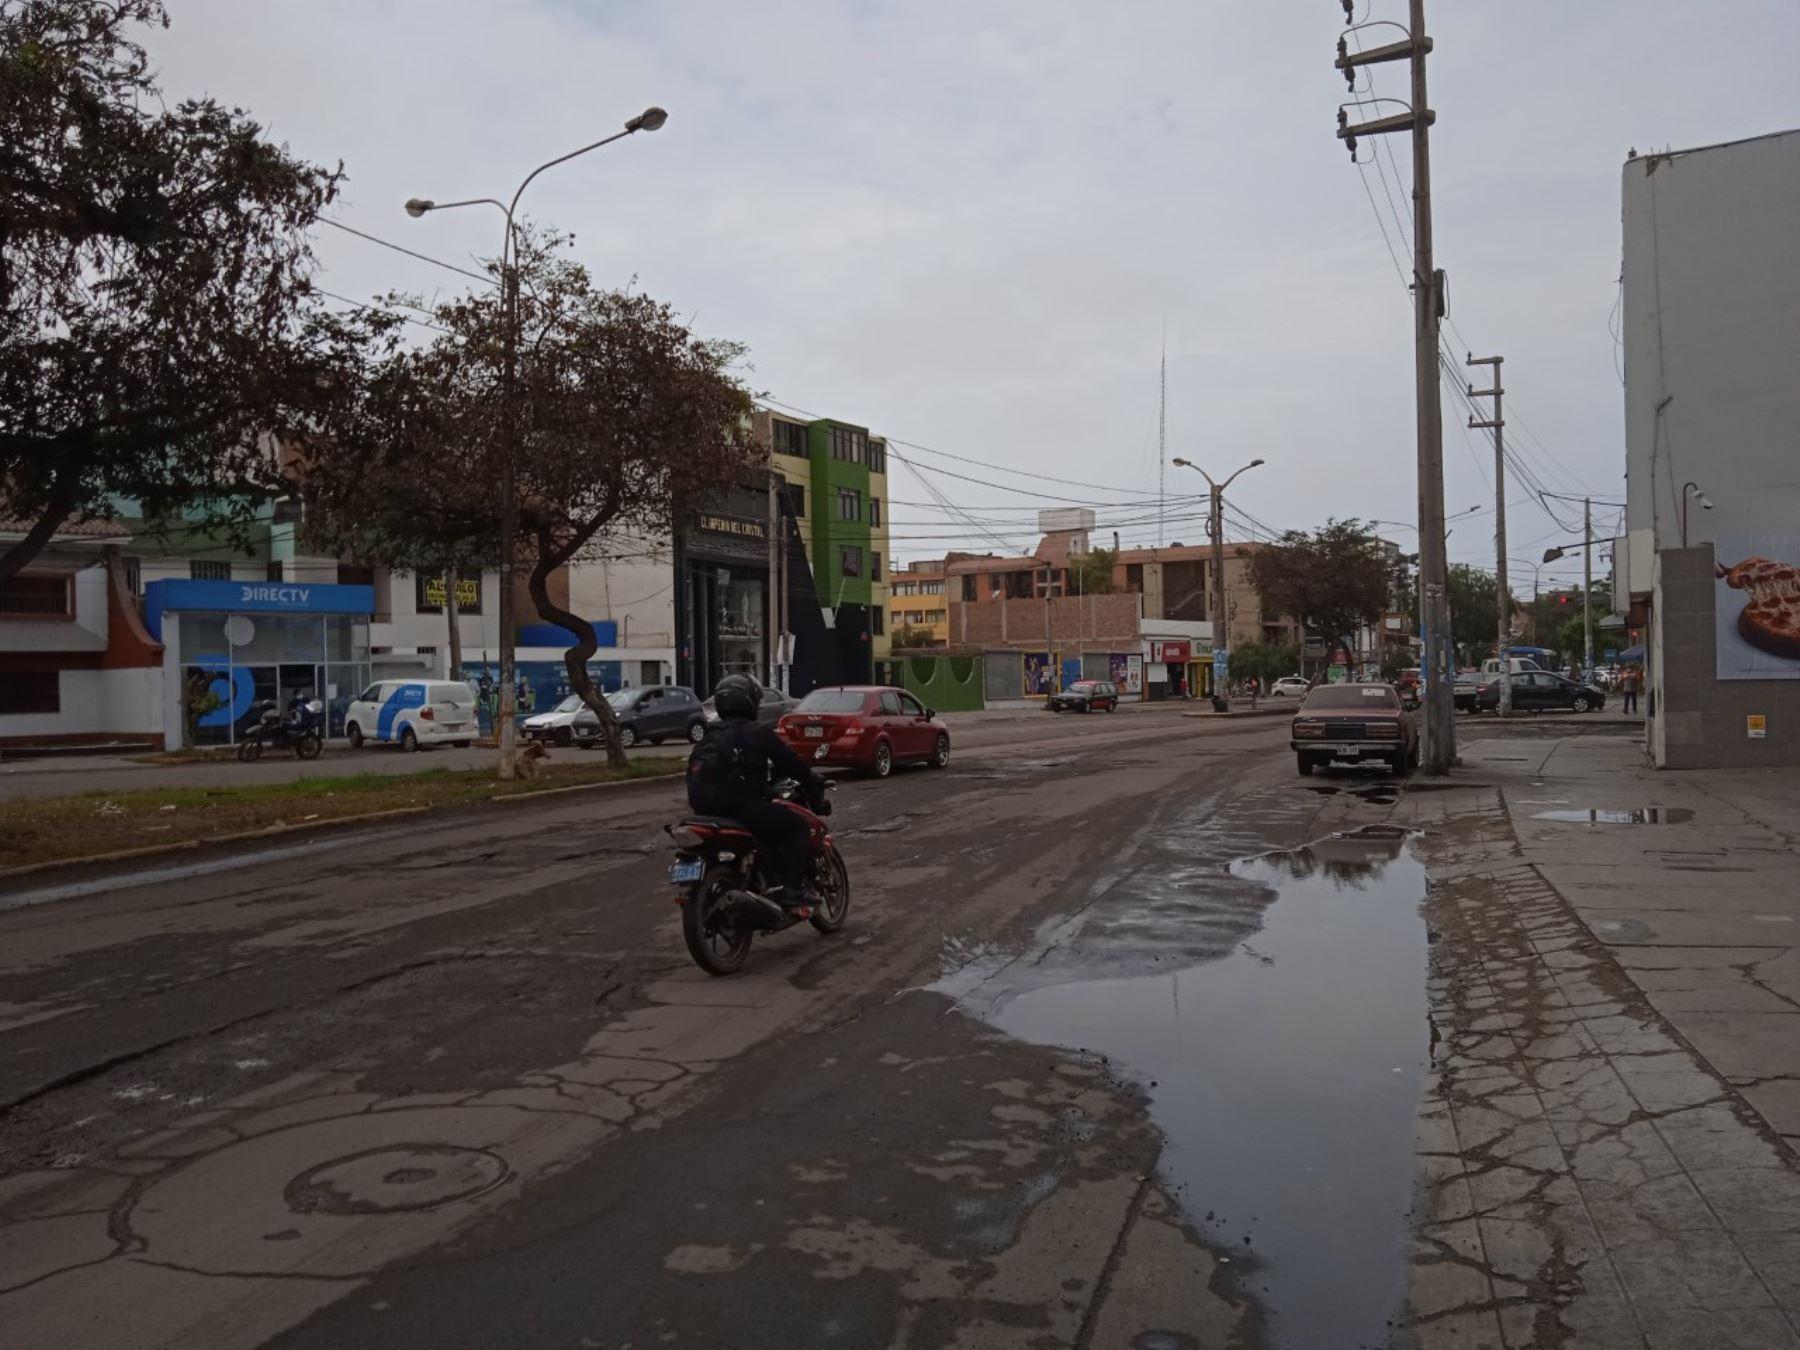 Lluvia inusual sorprende a pobladores de La Libertad y origina apagón en Trujillo y Virú